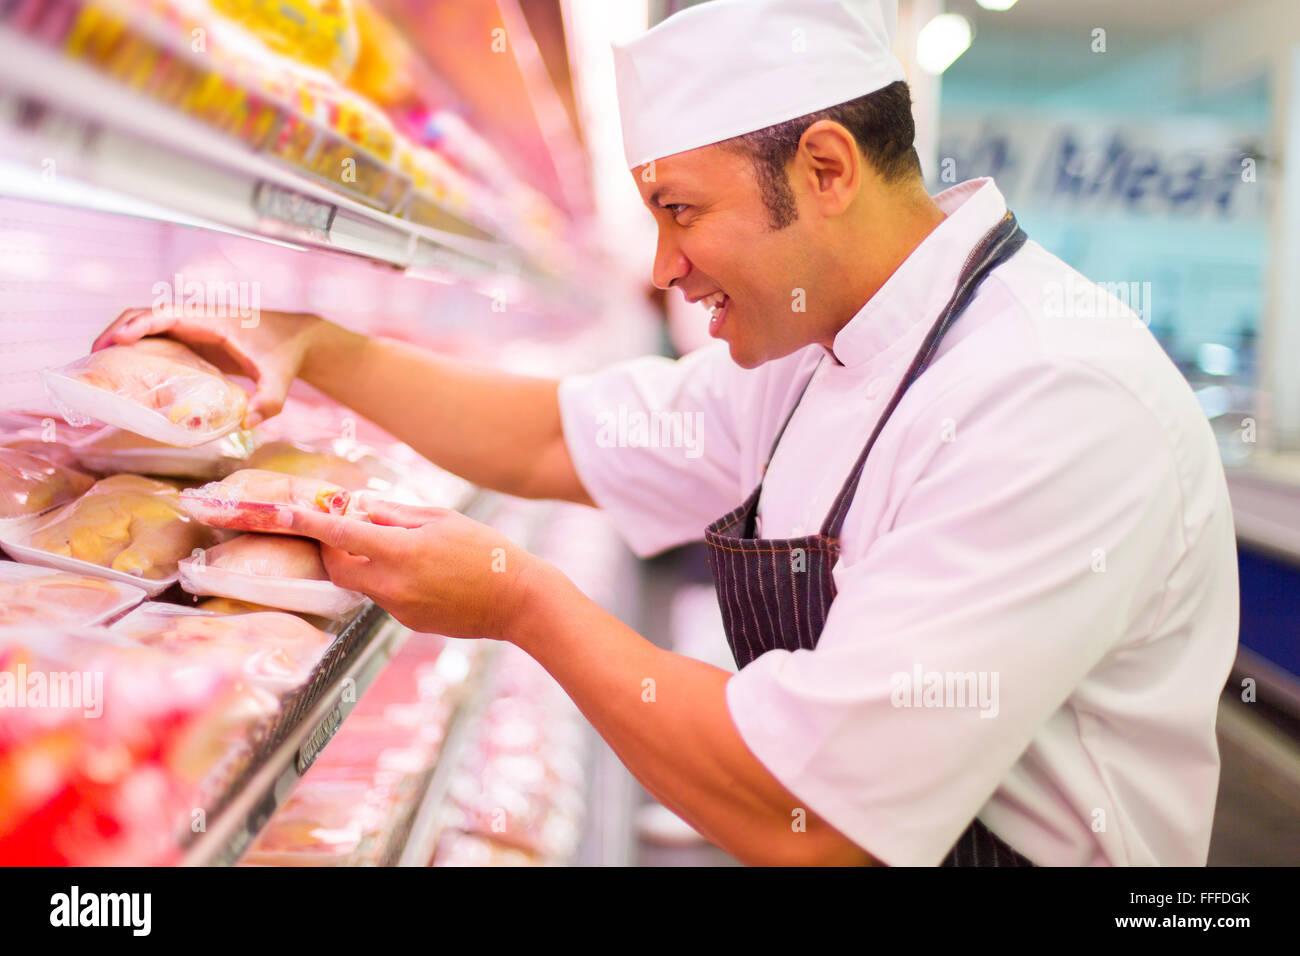 Âge moyen heureux boucher travaillant dans une boucherie Photo Stock